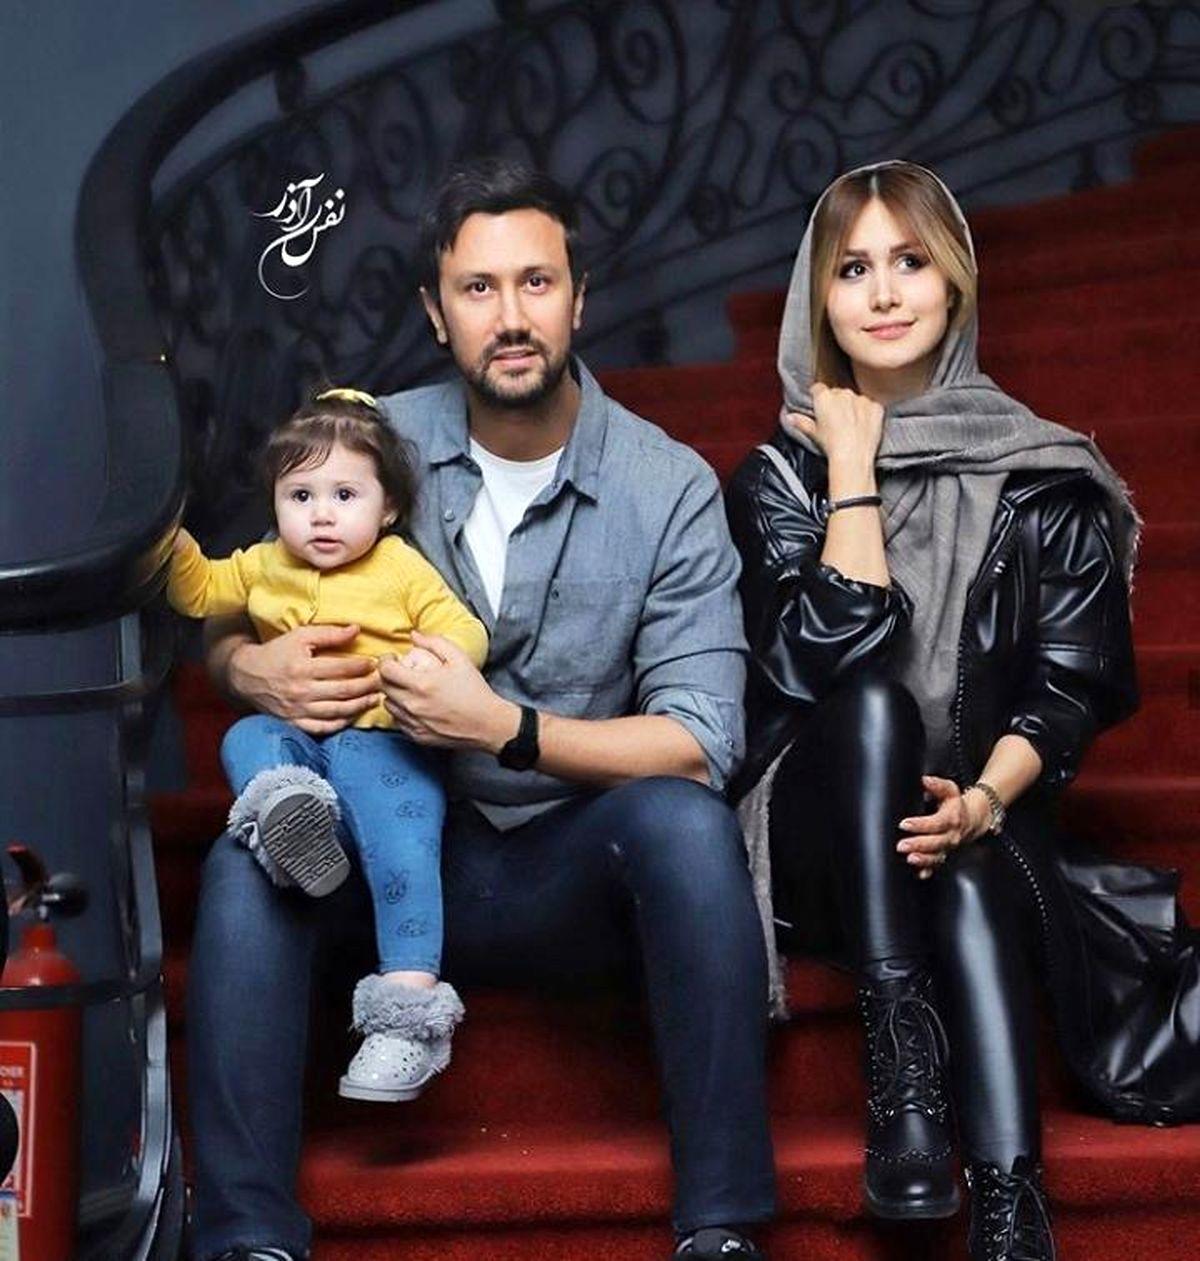 بیوگرافی همسر شاهرخ استخری سپیده بزمی پور+ تصاویر خانوادگی